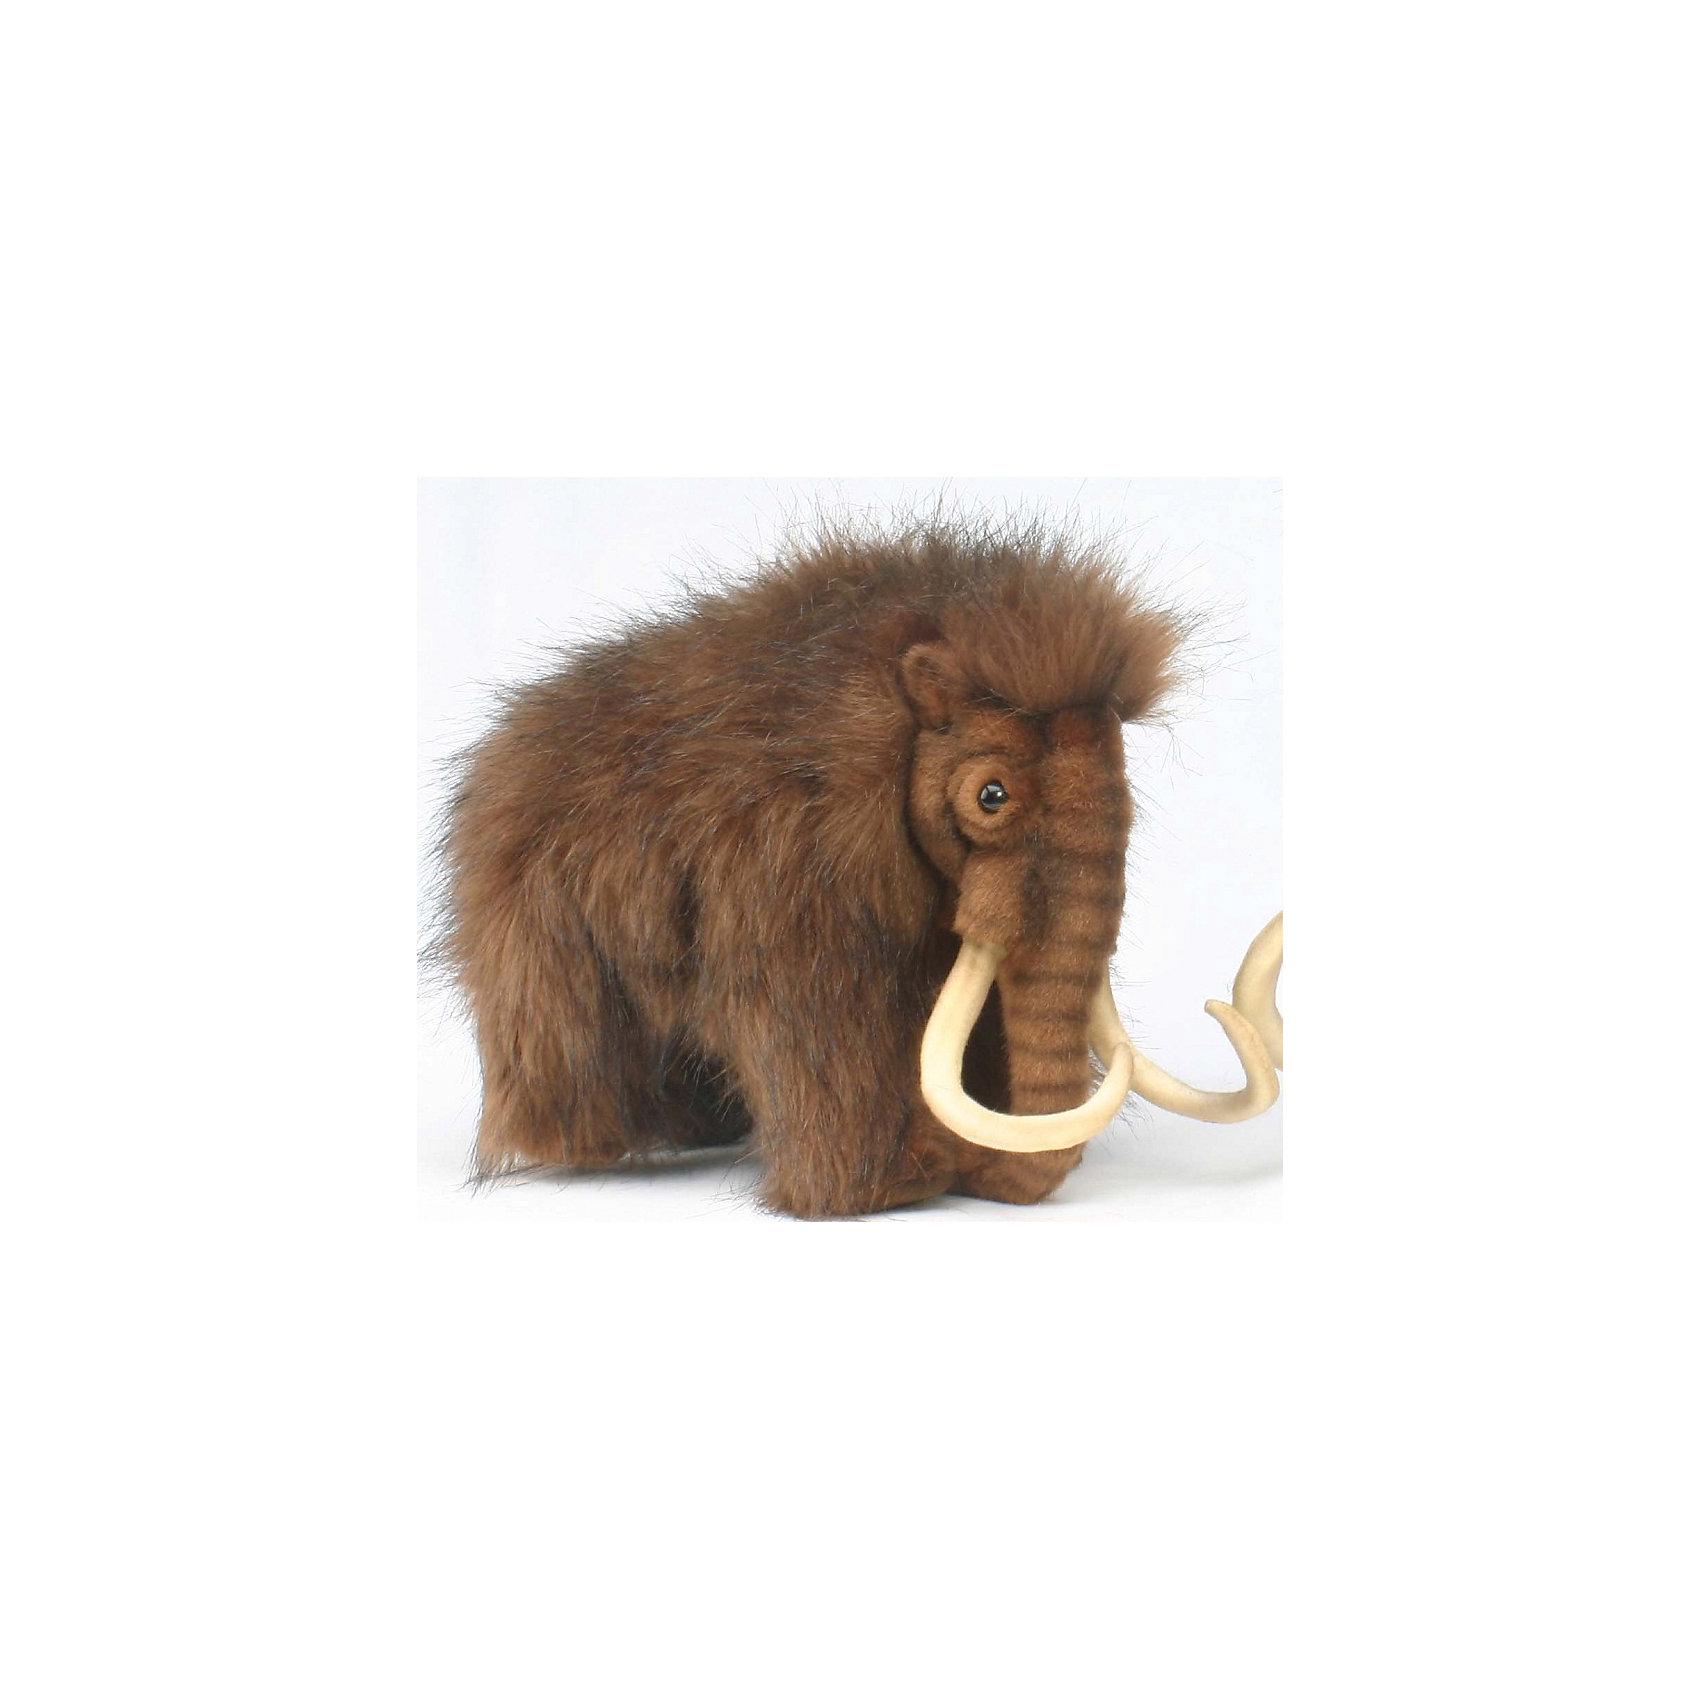 Мамонт, 32 смМамонт, 32 см – игрушка от знаменитого бренда Hansa, специализирующегося на выпуске мягких игрушек с высокой степенью натуралистичности. Внешний вид игрушечного мамонта полностью соответствует восстановленому облику животного, обитавшего в доисторический период. Игрушка выполнена из меха с длинным ворсом коричневого цвета.  Использованные материалы обладают гипоаллергенными свойствами. Внутри игрушки имеется металлический каркас, позволяющий изменять положение. <br>Игрушка относится к серии Доисторические животные. <br>Мягкие игрушки от Hansa подходят для сюжетно-ролевых игр, для обучающих игр, направленных на знакомство с животным миром дикой природы. Кроме того, их можно использовать в качестве интерьерных игрушек. Коллекция из нескольких игрушек позволяет воссоздать доисторическую эпоху. Игрушки от Hansa, будут радовать вашего ребенка долгое время, так как ручная работа и качественные материалы гарантируют их долговечность и прочность.<br><br>Дополнительная информация:<br><br>- Вид игр: сюжетно-ролевые игры, коллекционирование, интерьерные игрушки<br>- Предназначение: для дома, для детских развивающих центров, для детских садов<br>- Материал: искусственный мех, пластик, наполнитель ? полиэфирное волокно<br>- Размер (ДхШхВ): 32*23*15 см<br>- Вес: 720 г<br>- Особенности ухода: сухая чистка при помощи пылесоса или щетки для одежды<br><br>Подробнее:<br><br>• Для детей в возрасте: от 3 лет <br>• Страна производитель: Филиппины<br>• Торговый бренд: Hansa<br><br>Мамонта, 32 см можно купить в нашем интернет-магазине.<br><br>Ширина мм: 32<br>Глубина мм: 23<br>Высота мм: 15<br>Вес г: 720<br>Возраст от месяцев: 36<br>Возраст до месяцев: 2147483647<br>Пол: Унисекс<br>Возраст: Детский<br>SKU: 4927193